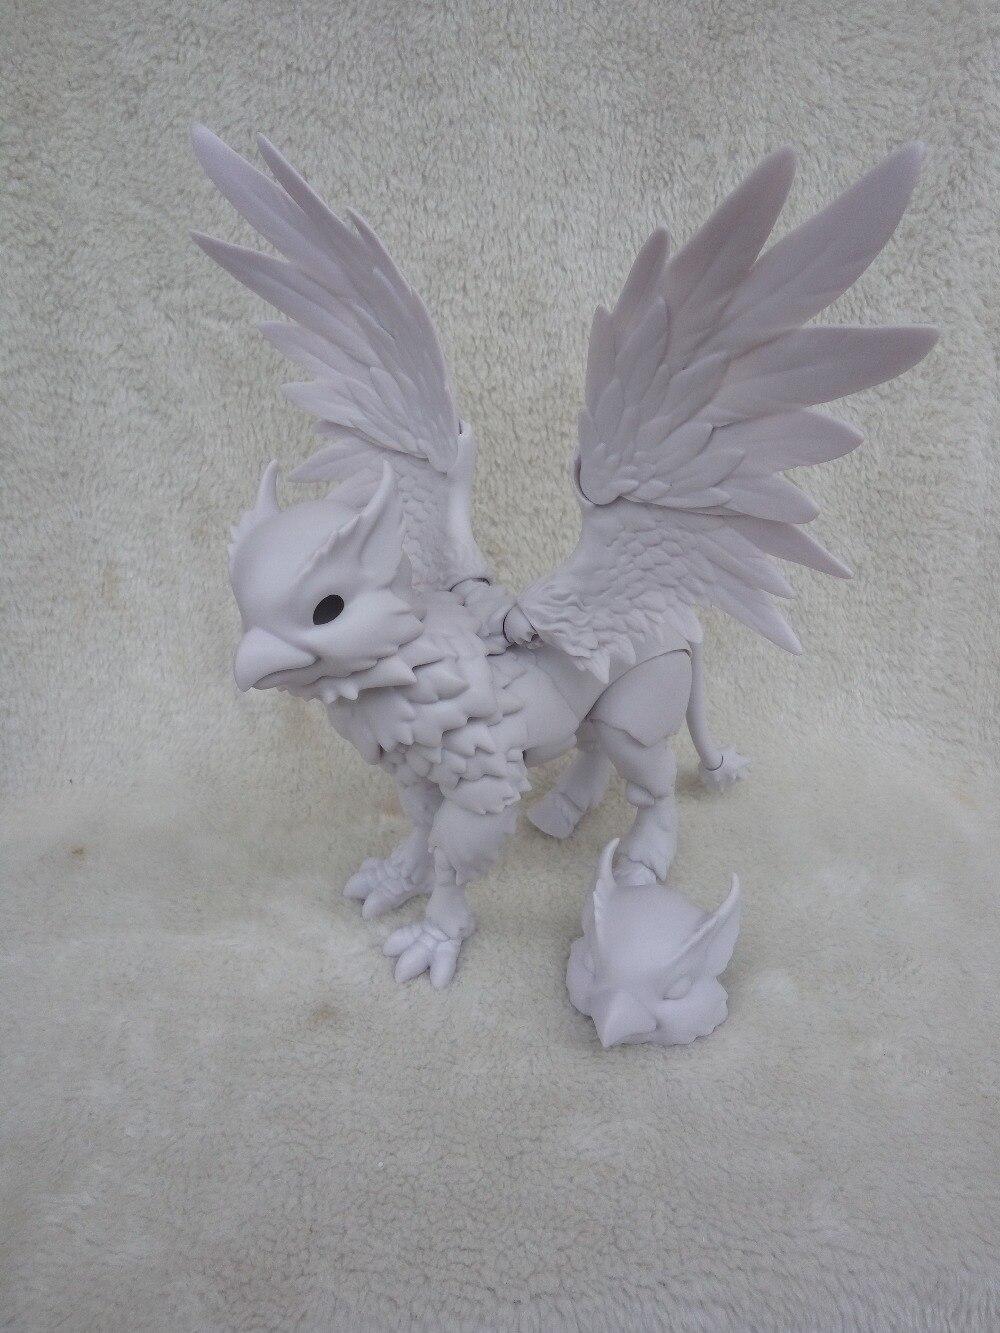 1/6 Bambole Griffin Cooper Bambole di Trasporto Occhi-in Bambole da Giocattoli e hobby su  Gruppo 1